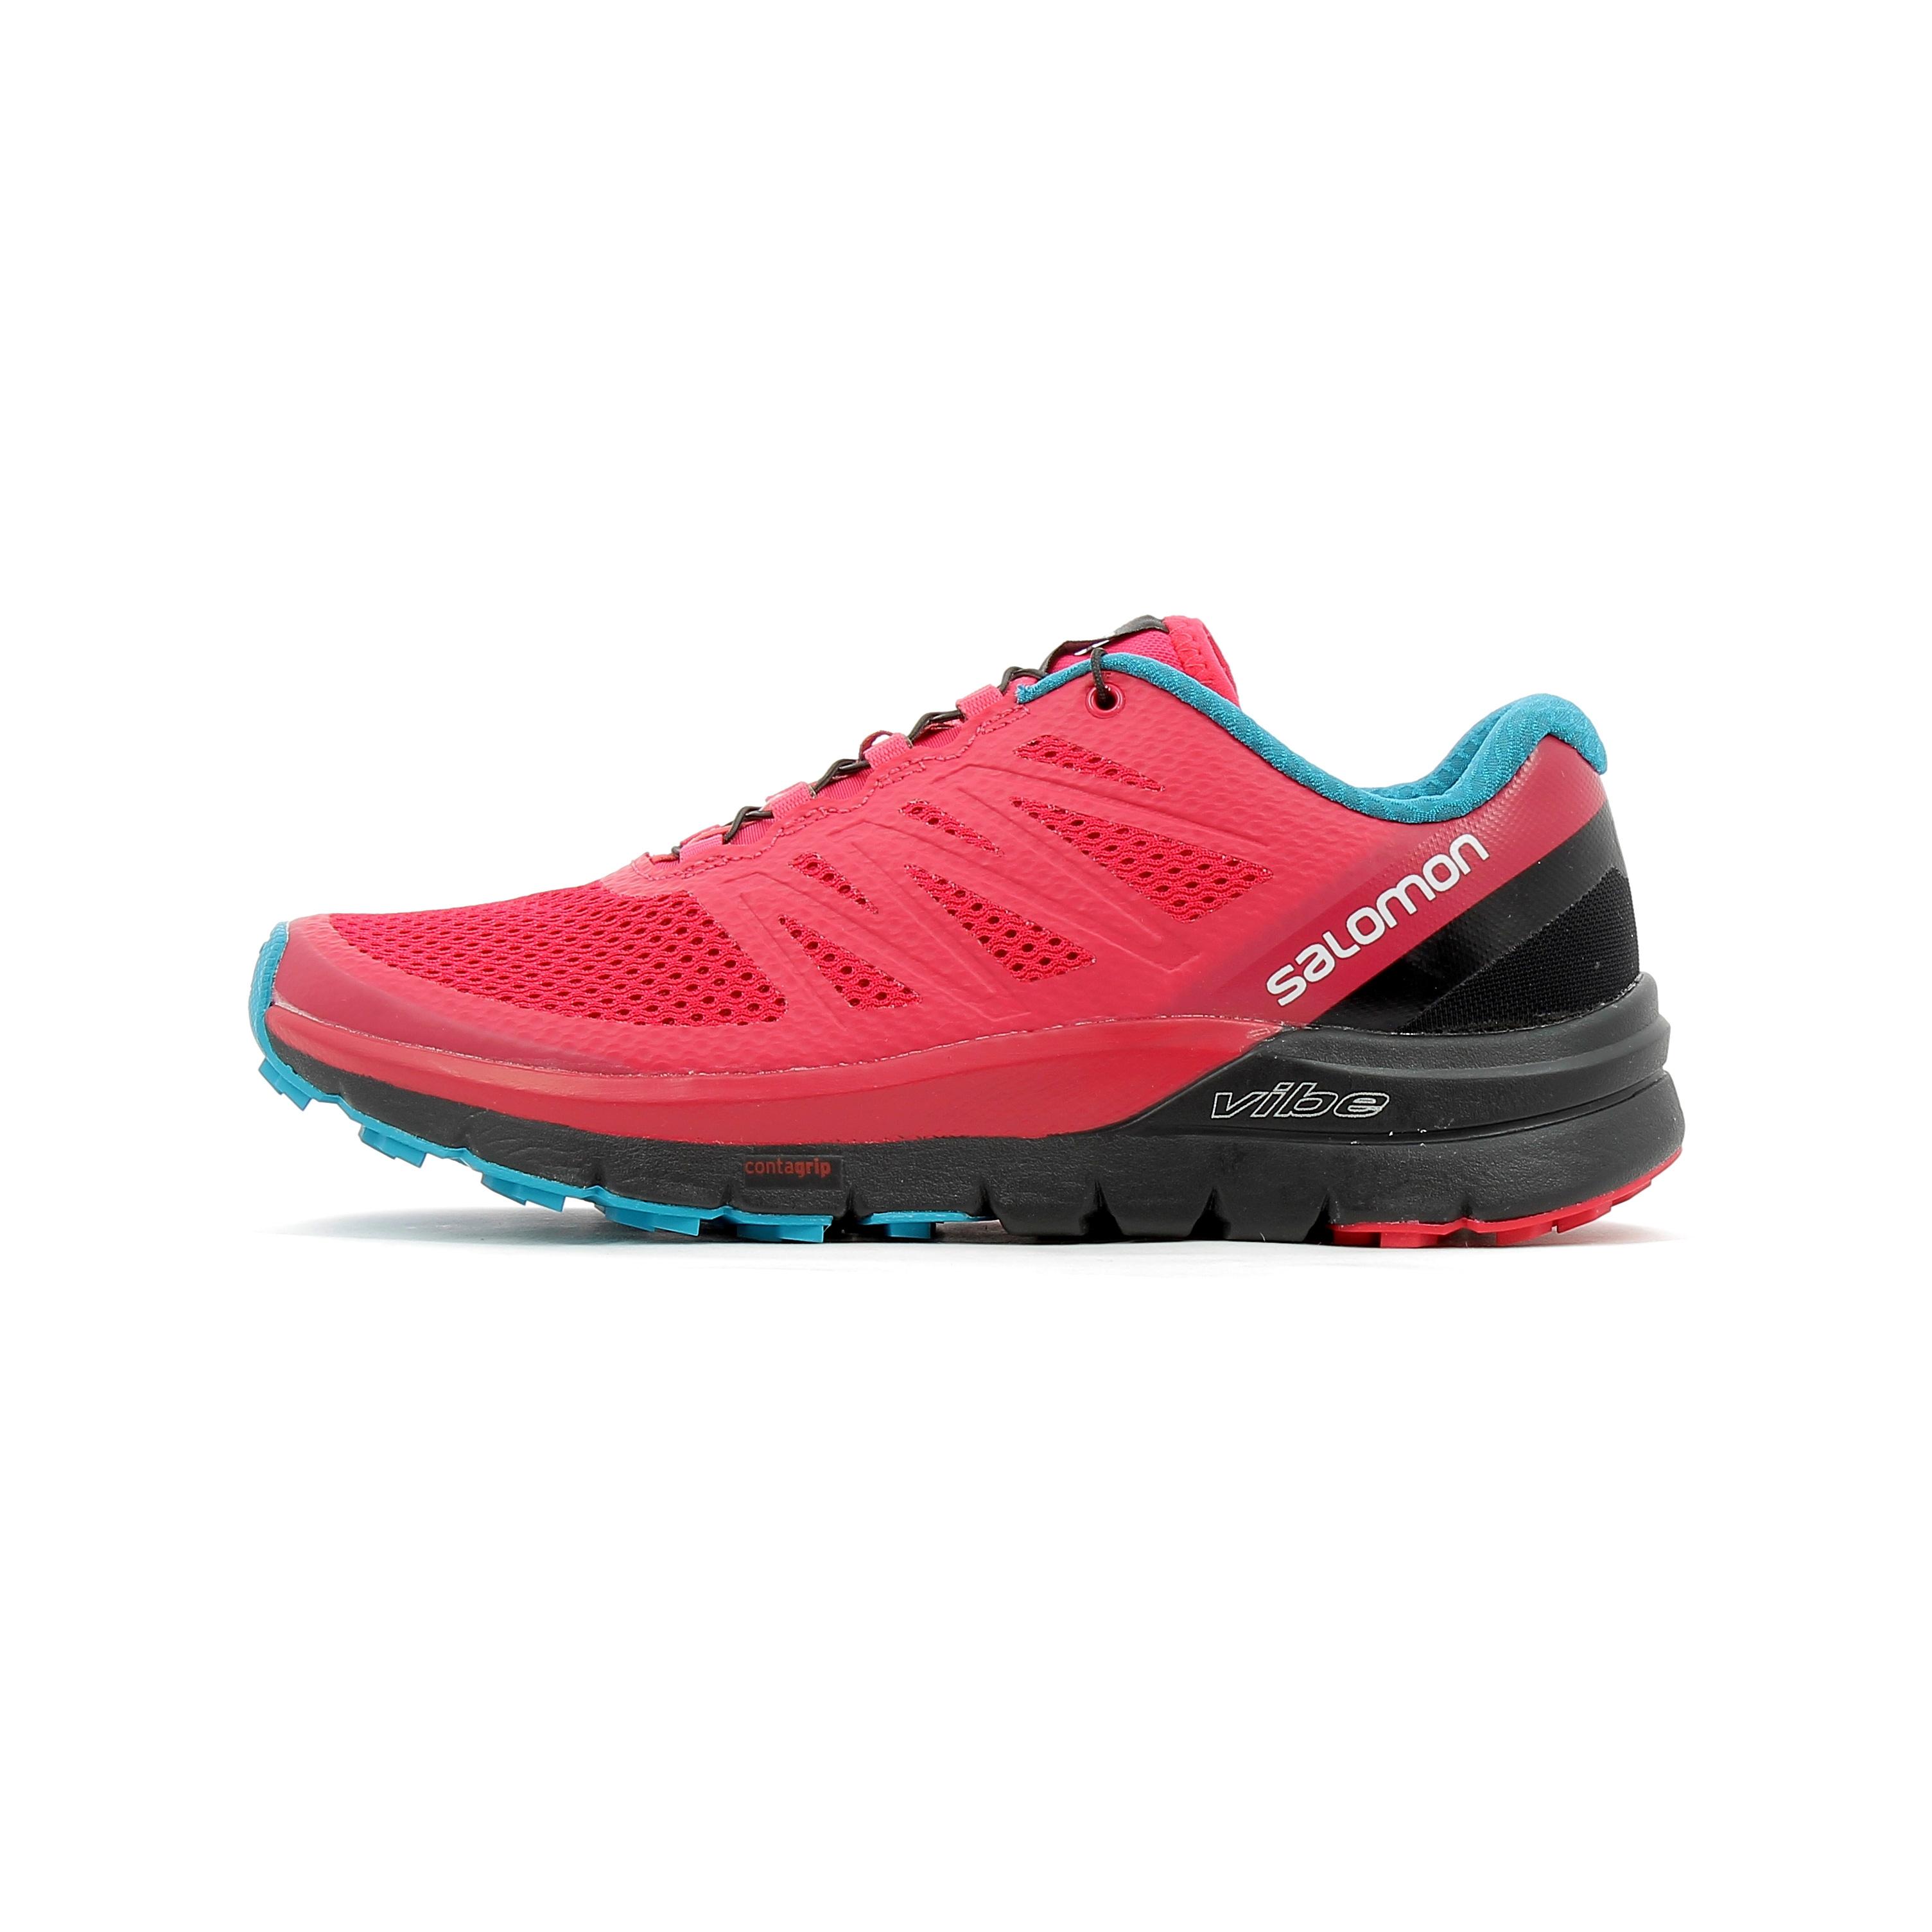 c64d35b97b5c Chaussures de trail Salomon Sense Pro Max W